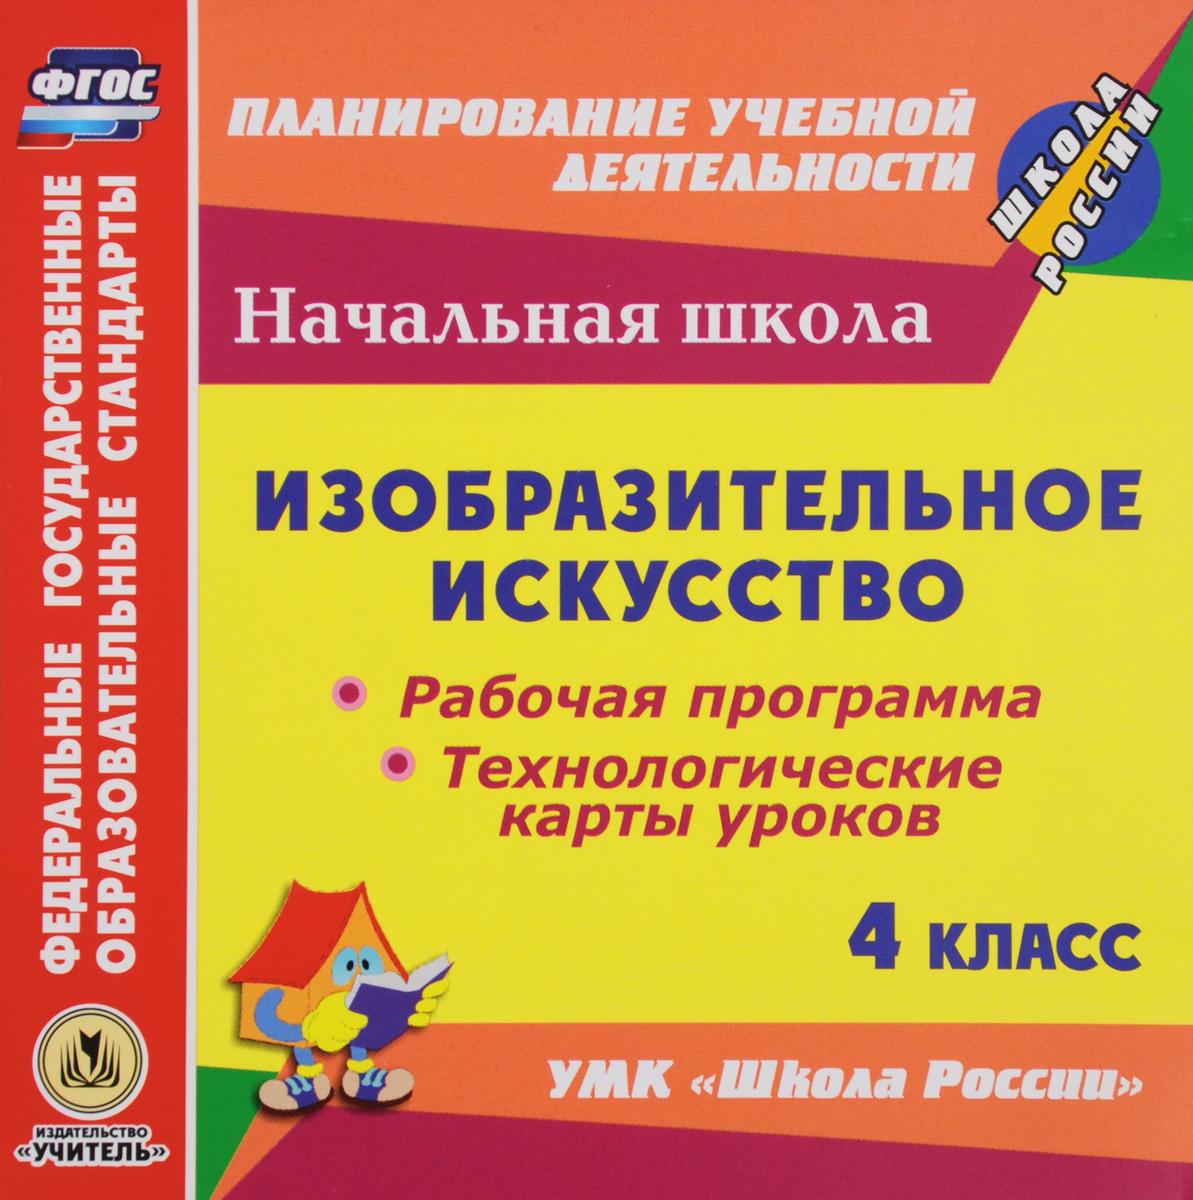 Рабочая программа и технологические карты уроков по УМК Школа России. Изобразительное искусство. 4 класс